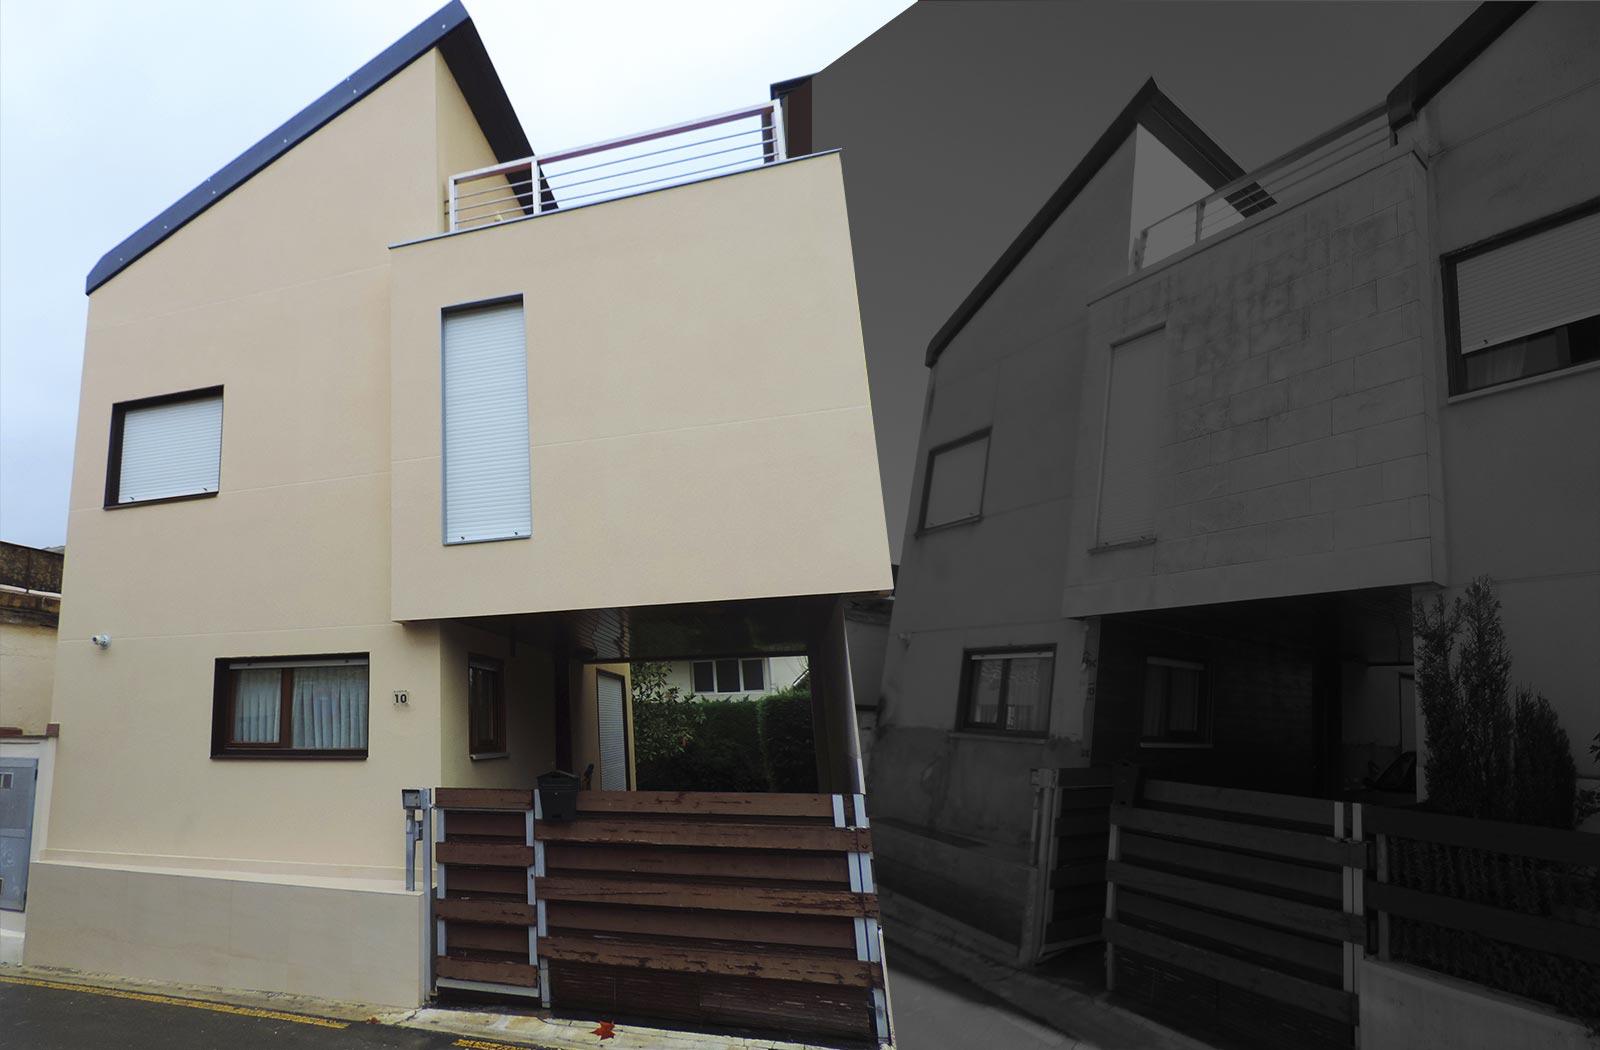 Obra y rehabilitación de inmuebles casas en Vitoria Gasteiz